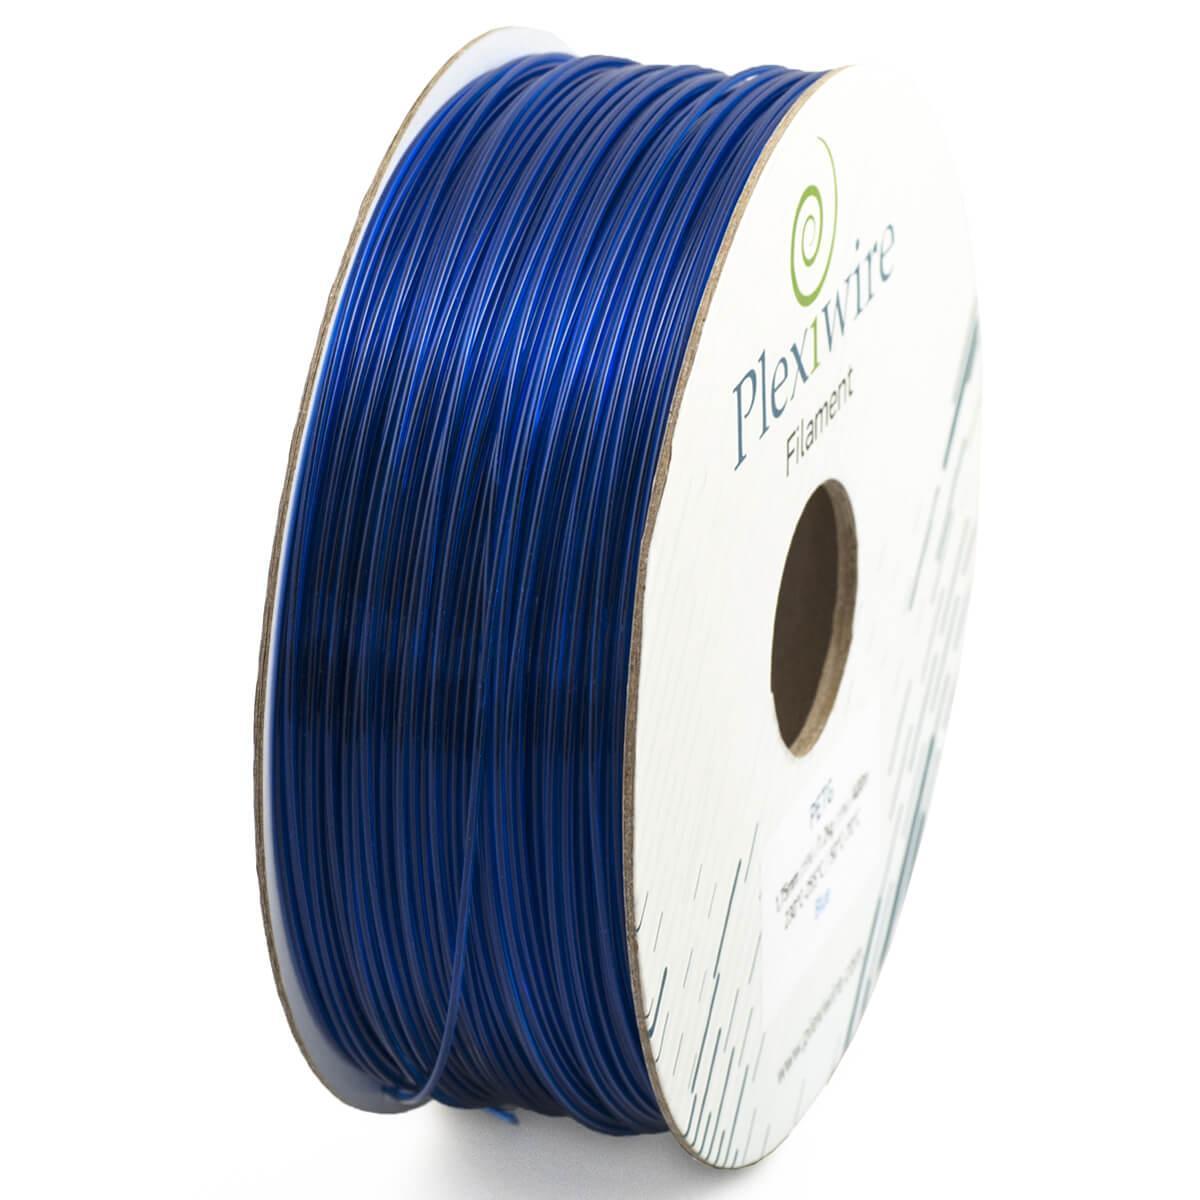 PETG пластик для 3D принтера Синій 1,75 мм (300 м / 0.9 кг)